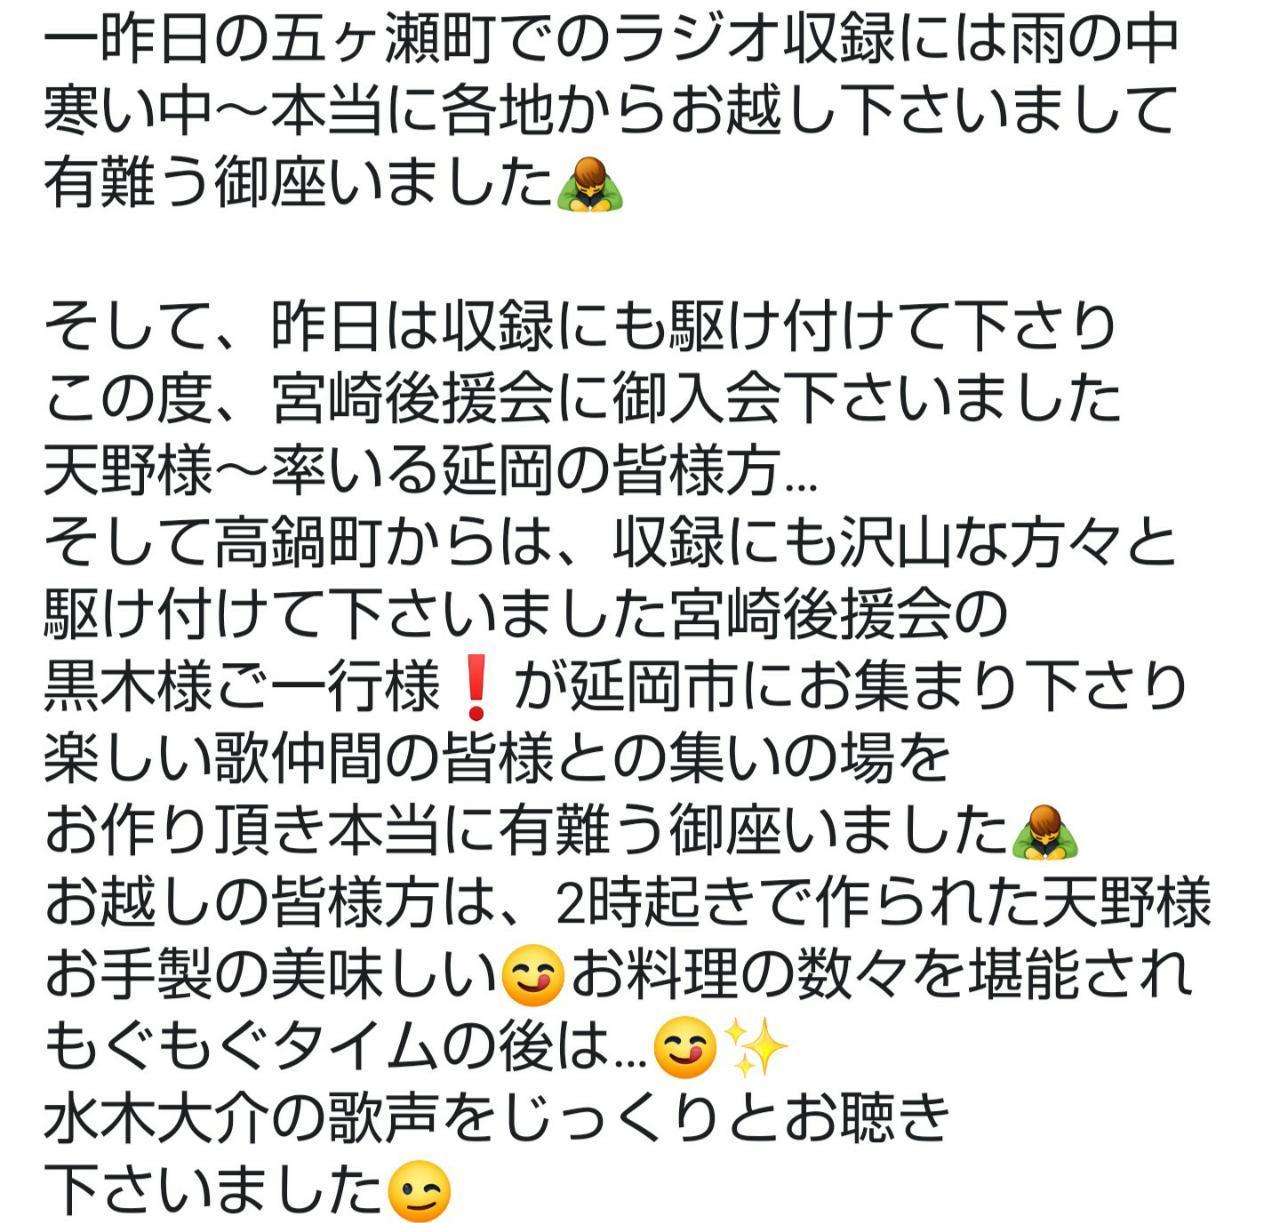 延岡市にて~_d0051146_21493763.jpg